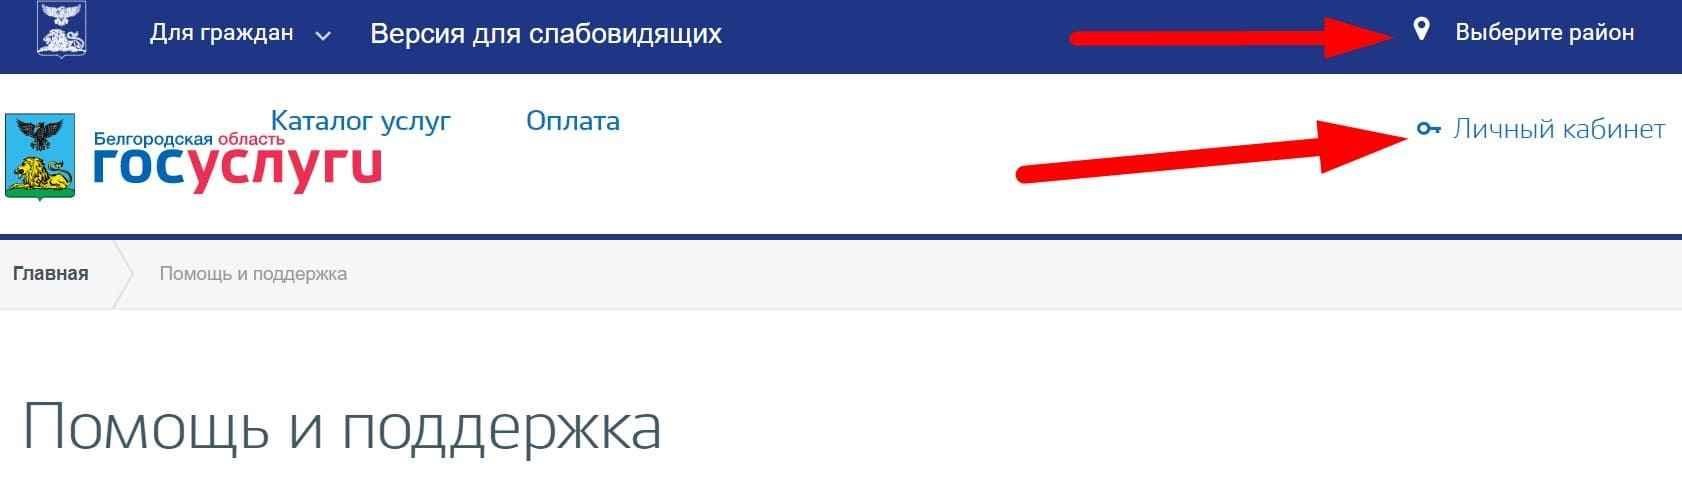 Госуслуги 31 Ру Белгород личный кабинет